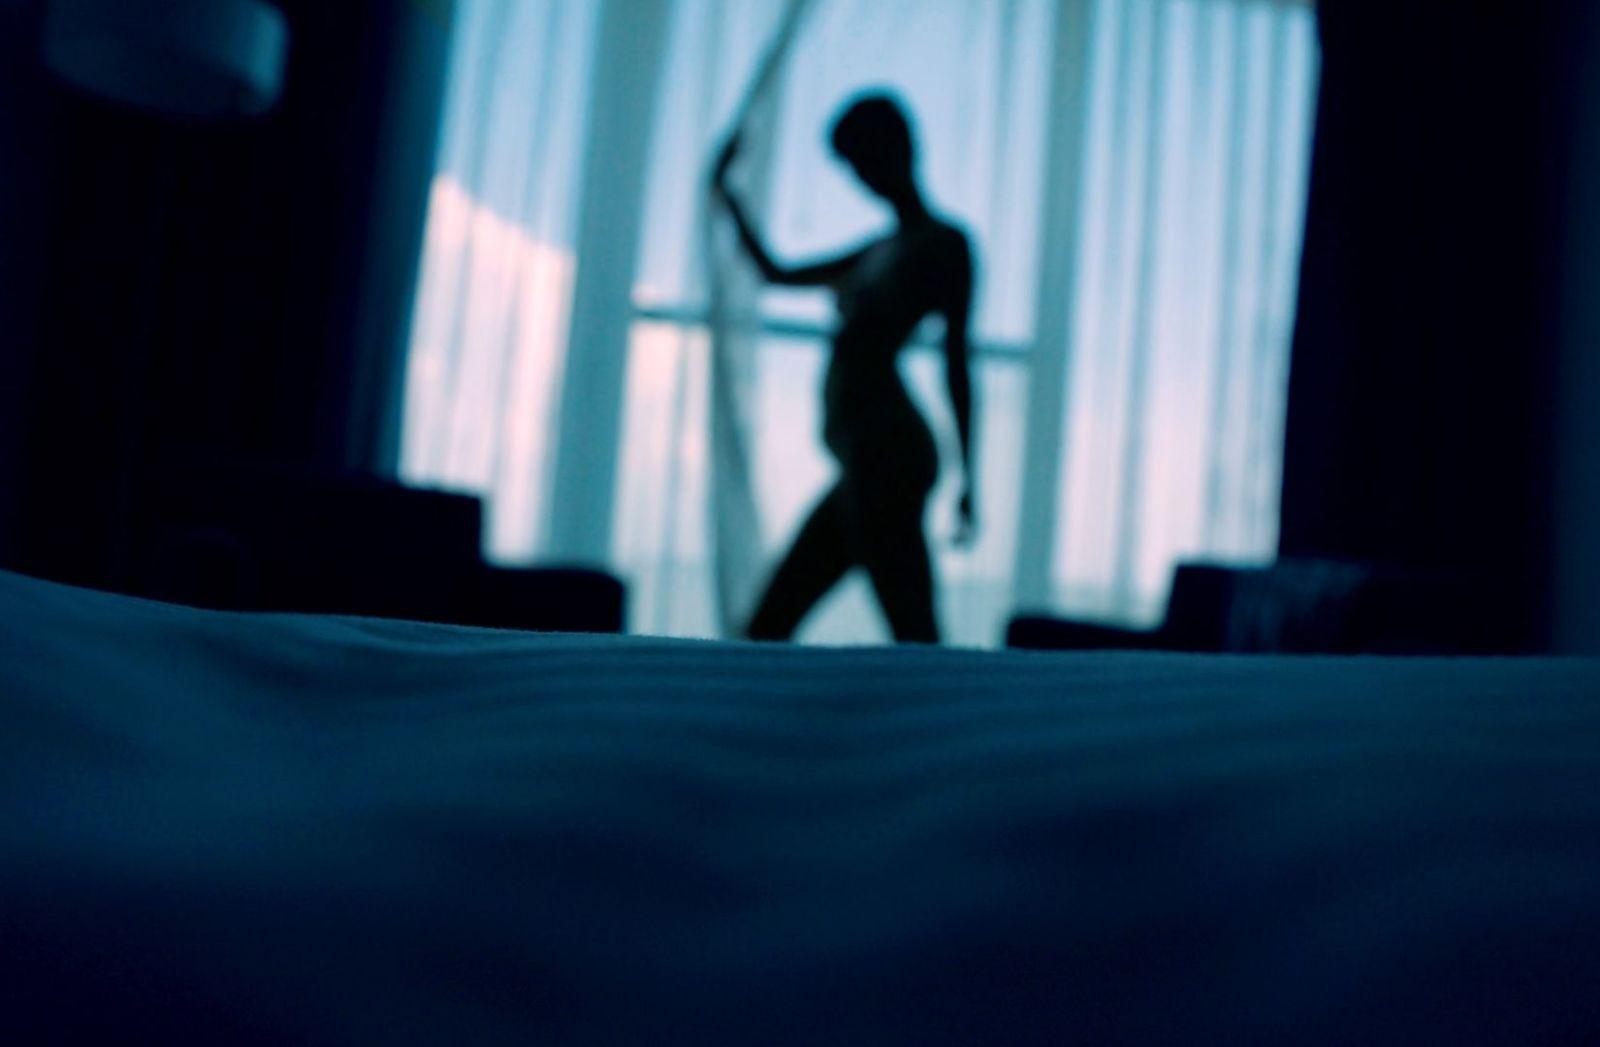 Schatten einer Frau vor einem Fenster. (Foto: Maru Lombardo, Unsplash.com)